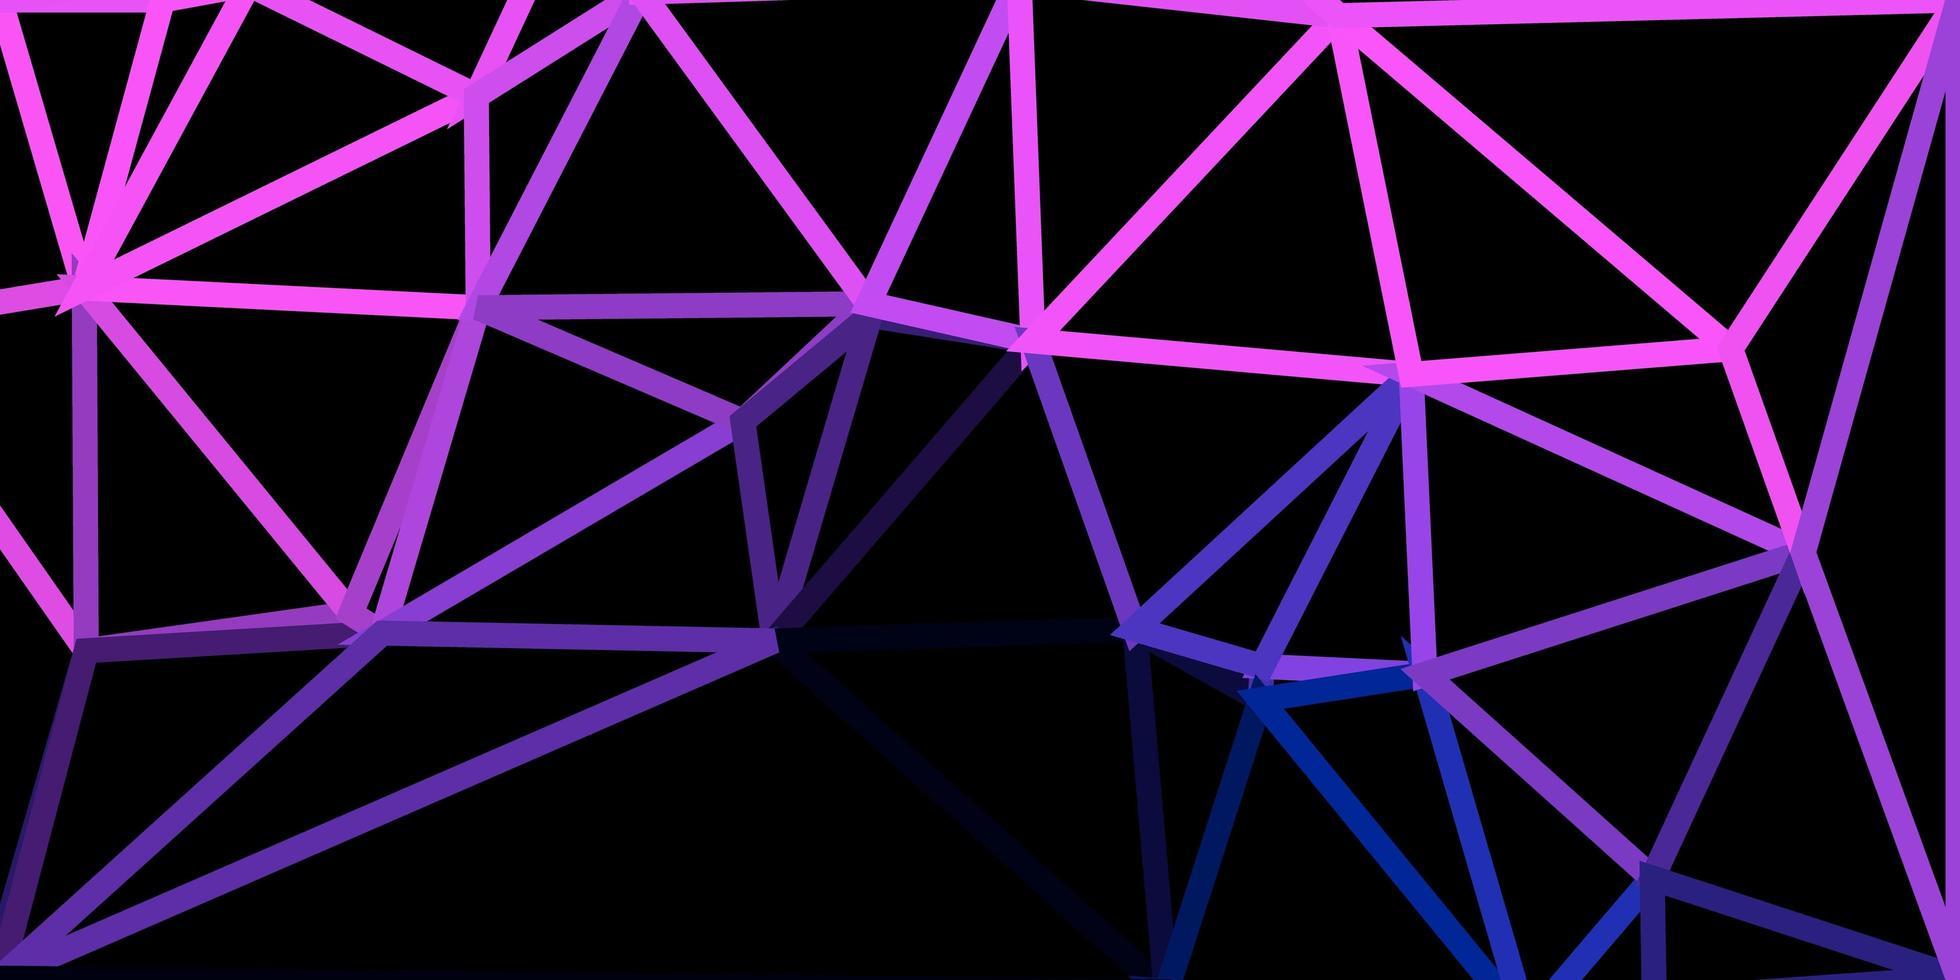 Disposition de polygone dégradé de vecteur rose foncé, bleu.